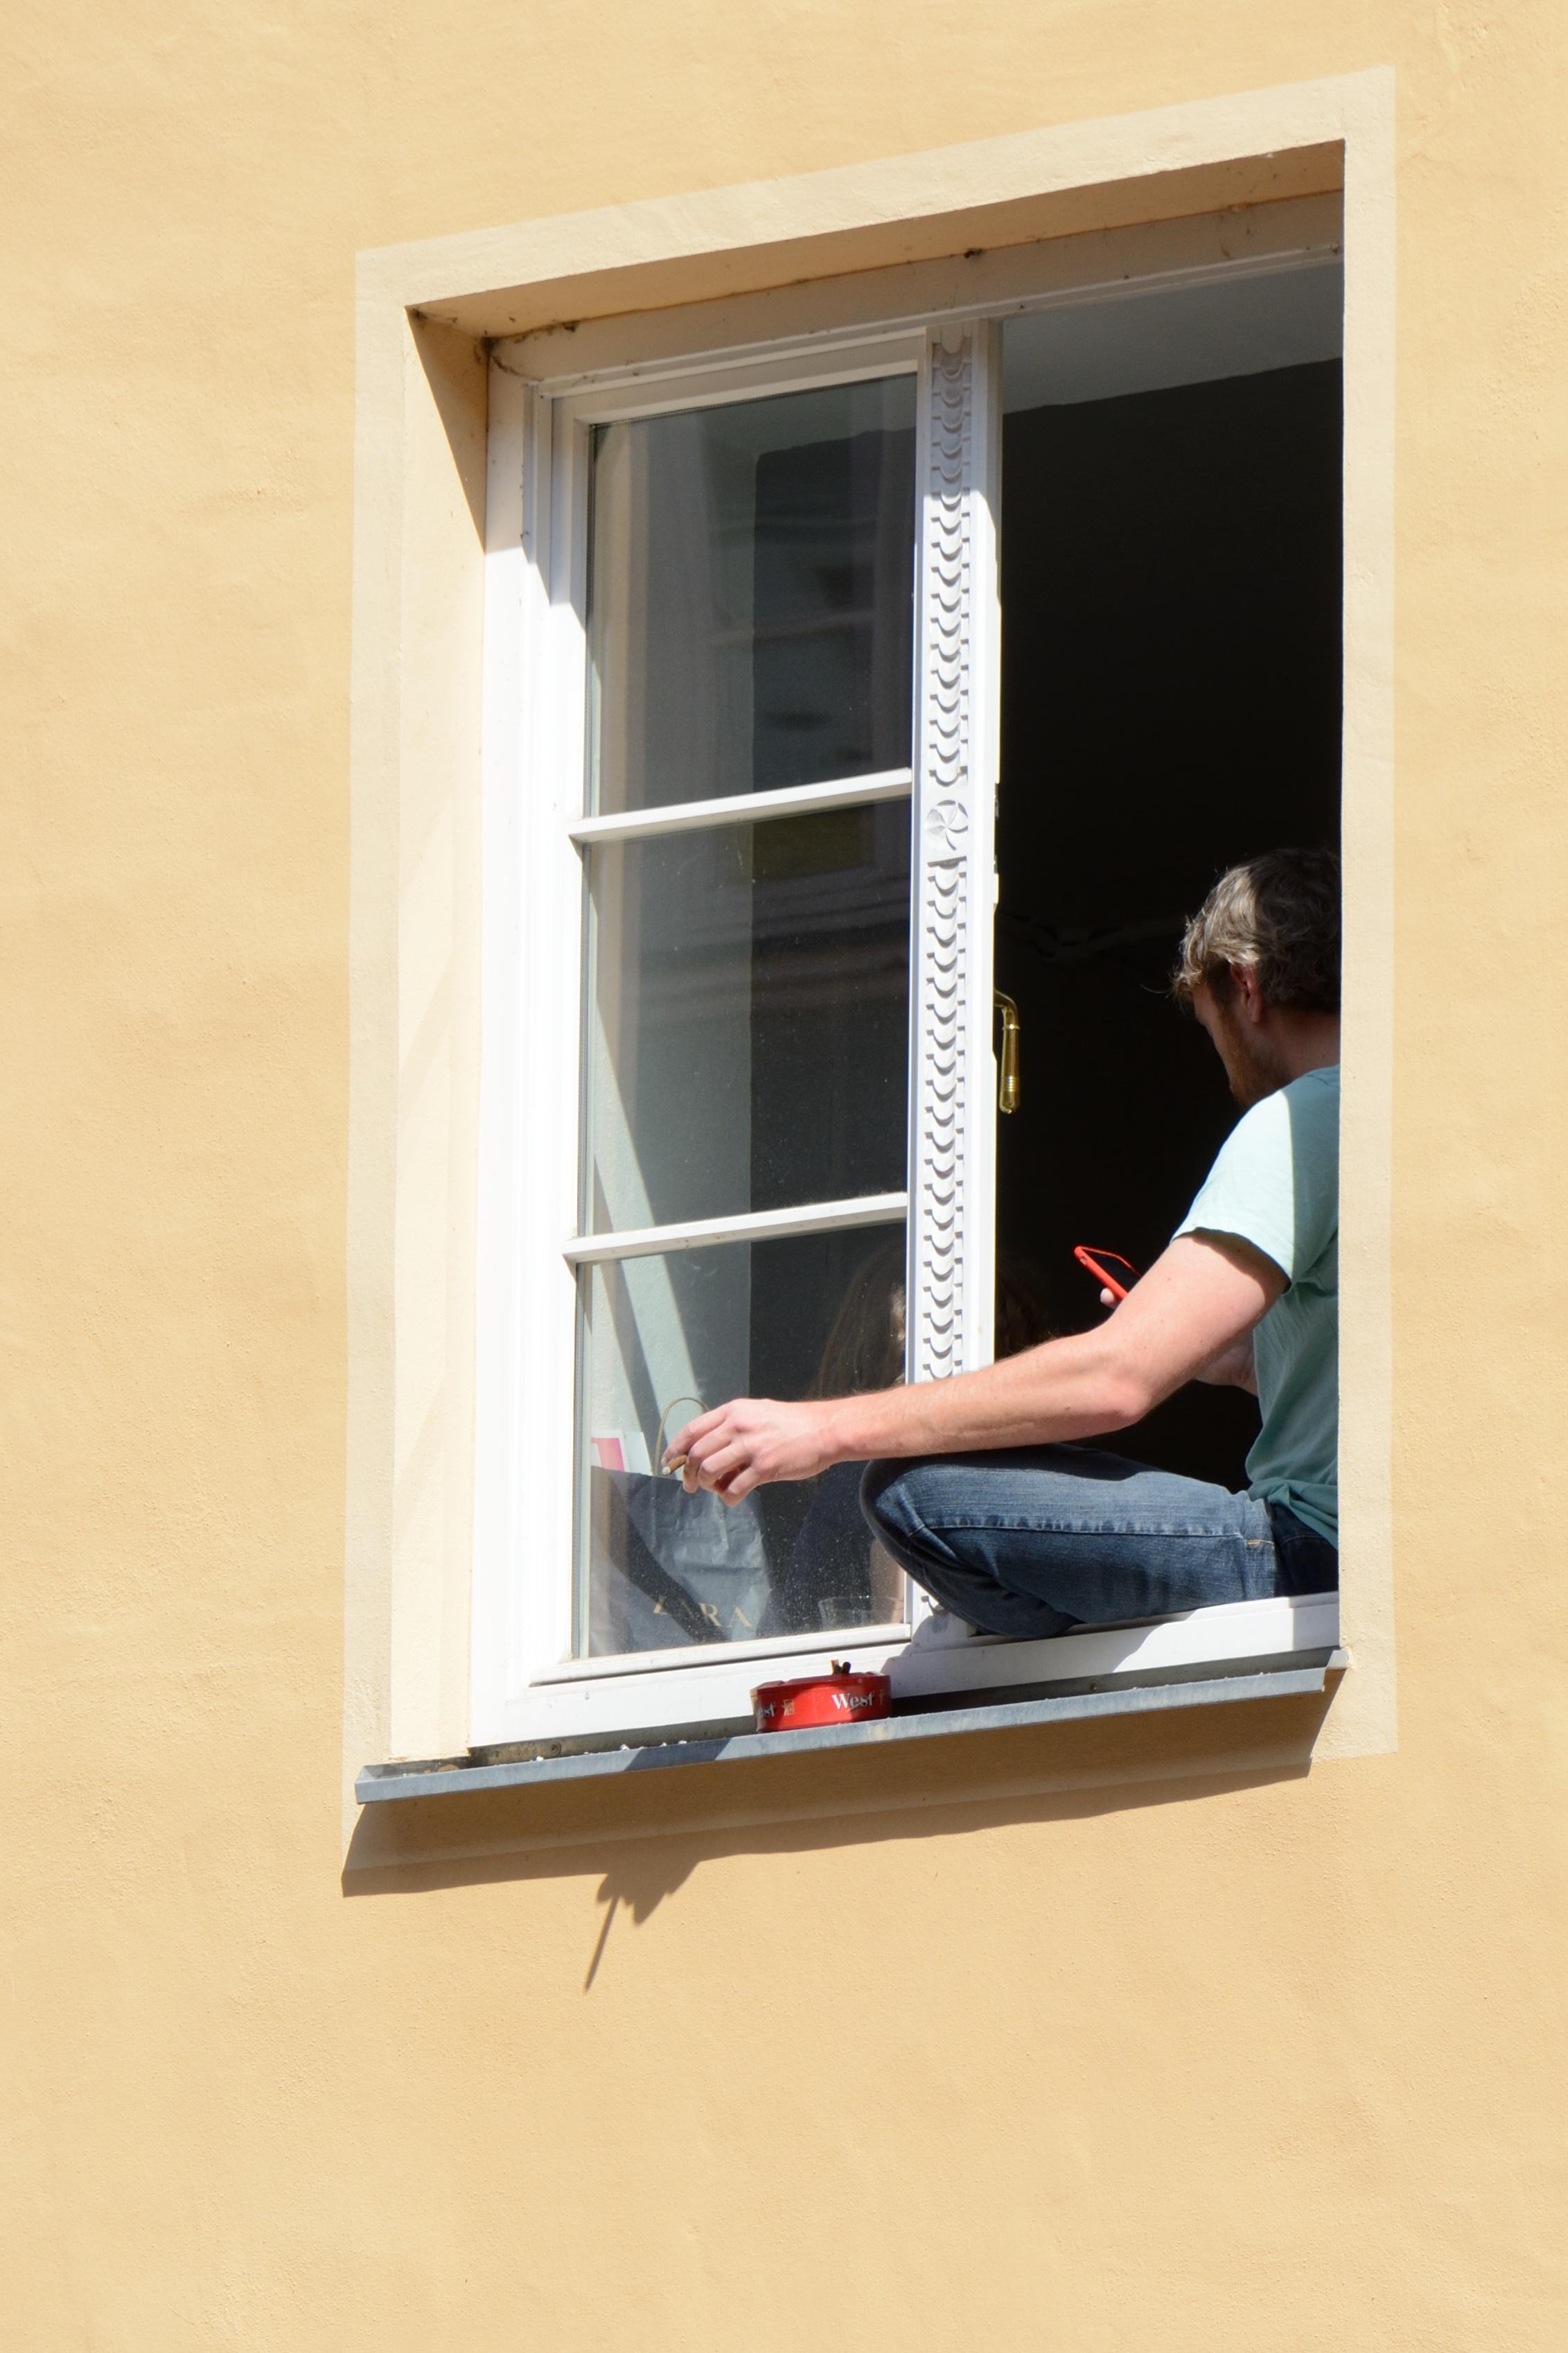 Fotos gratis : persona, madera, edificio, ciudad, casa, pared, de ...